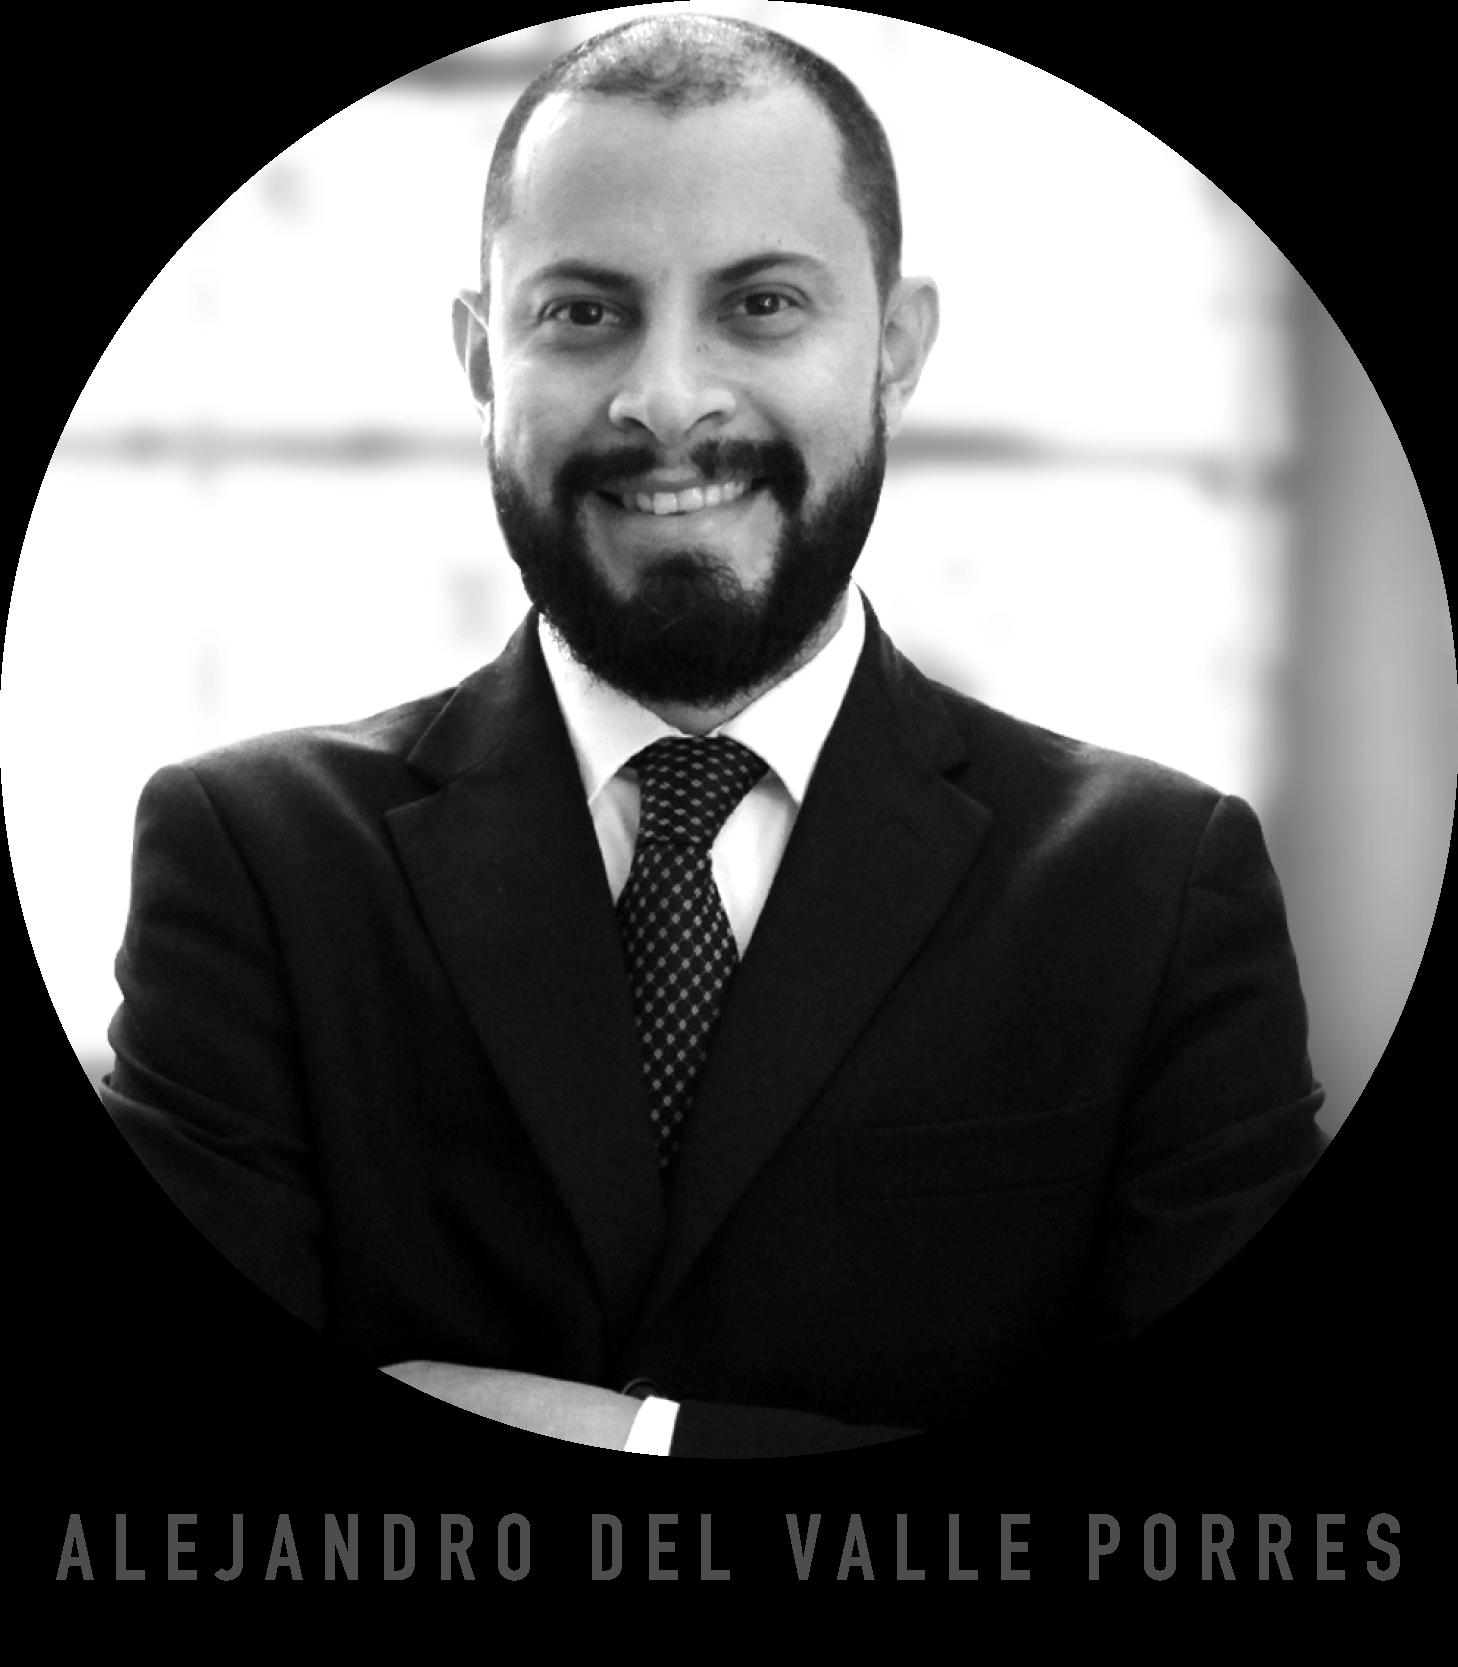 ALEJANDRO_DELVALLE_PORRES.png